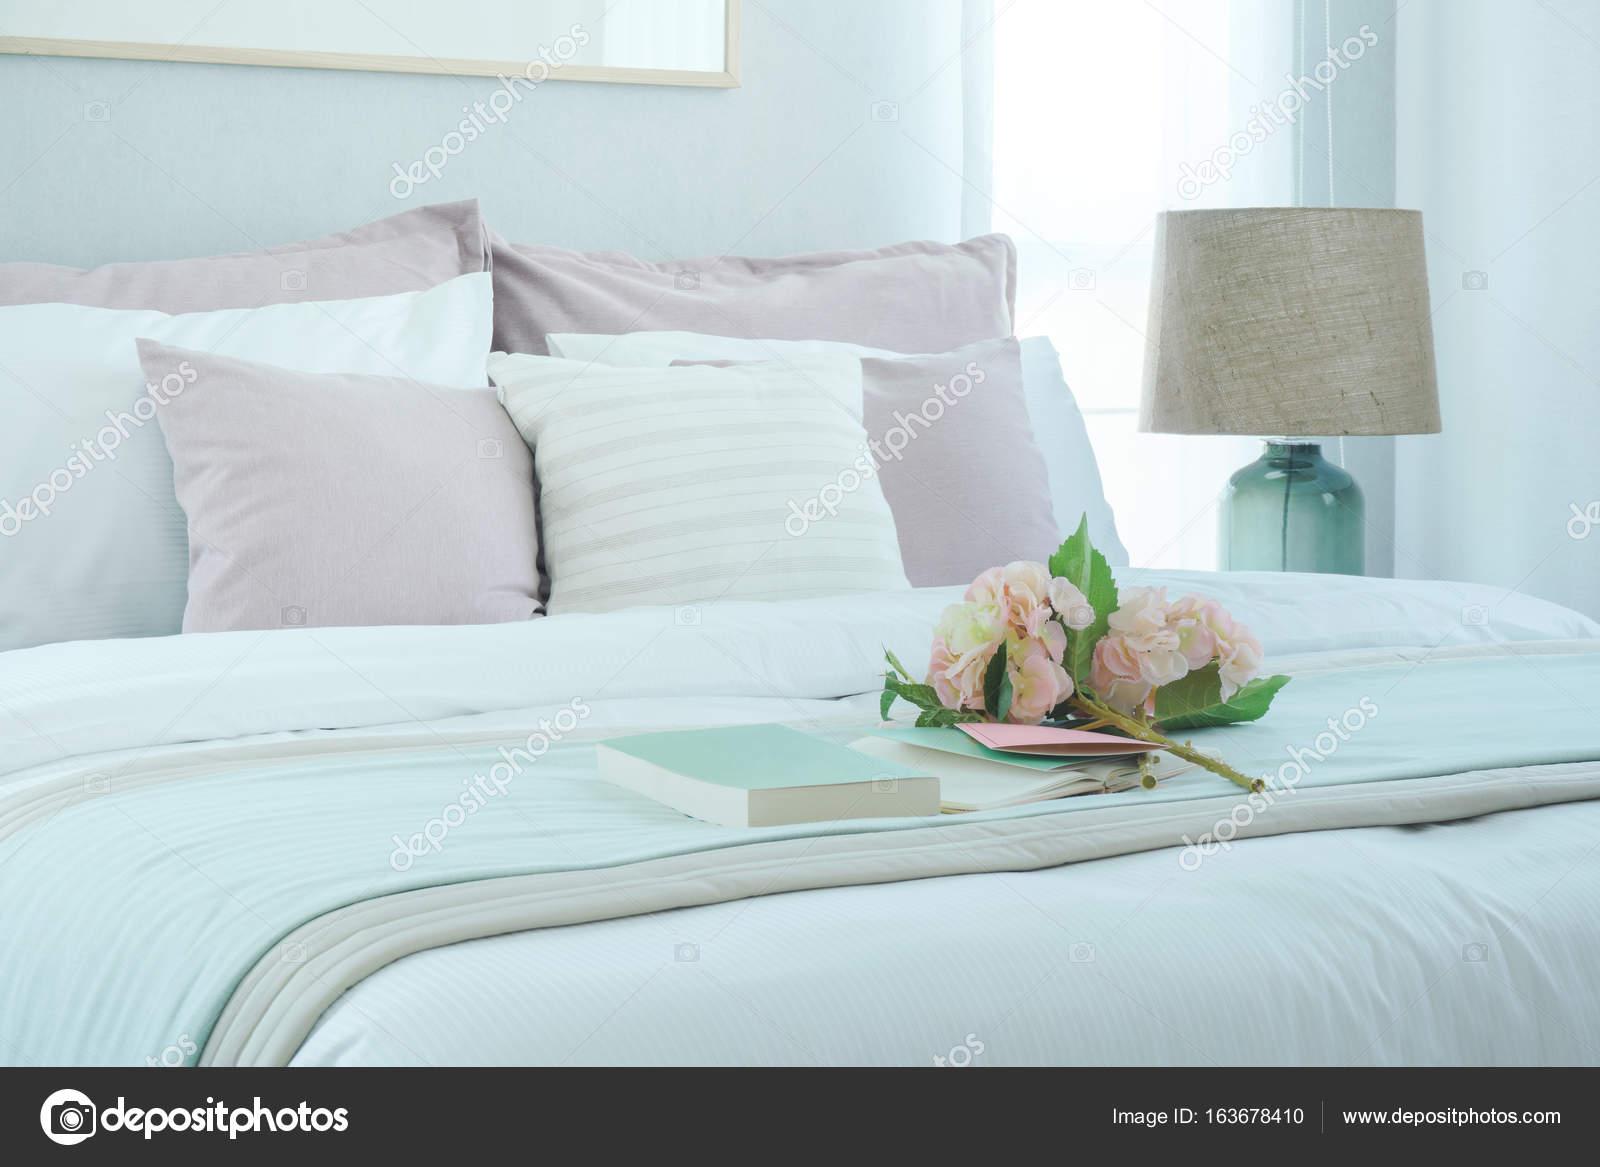 Interno camera da letto stile romantico con fiore e libro sulla base ...